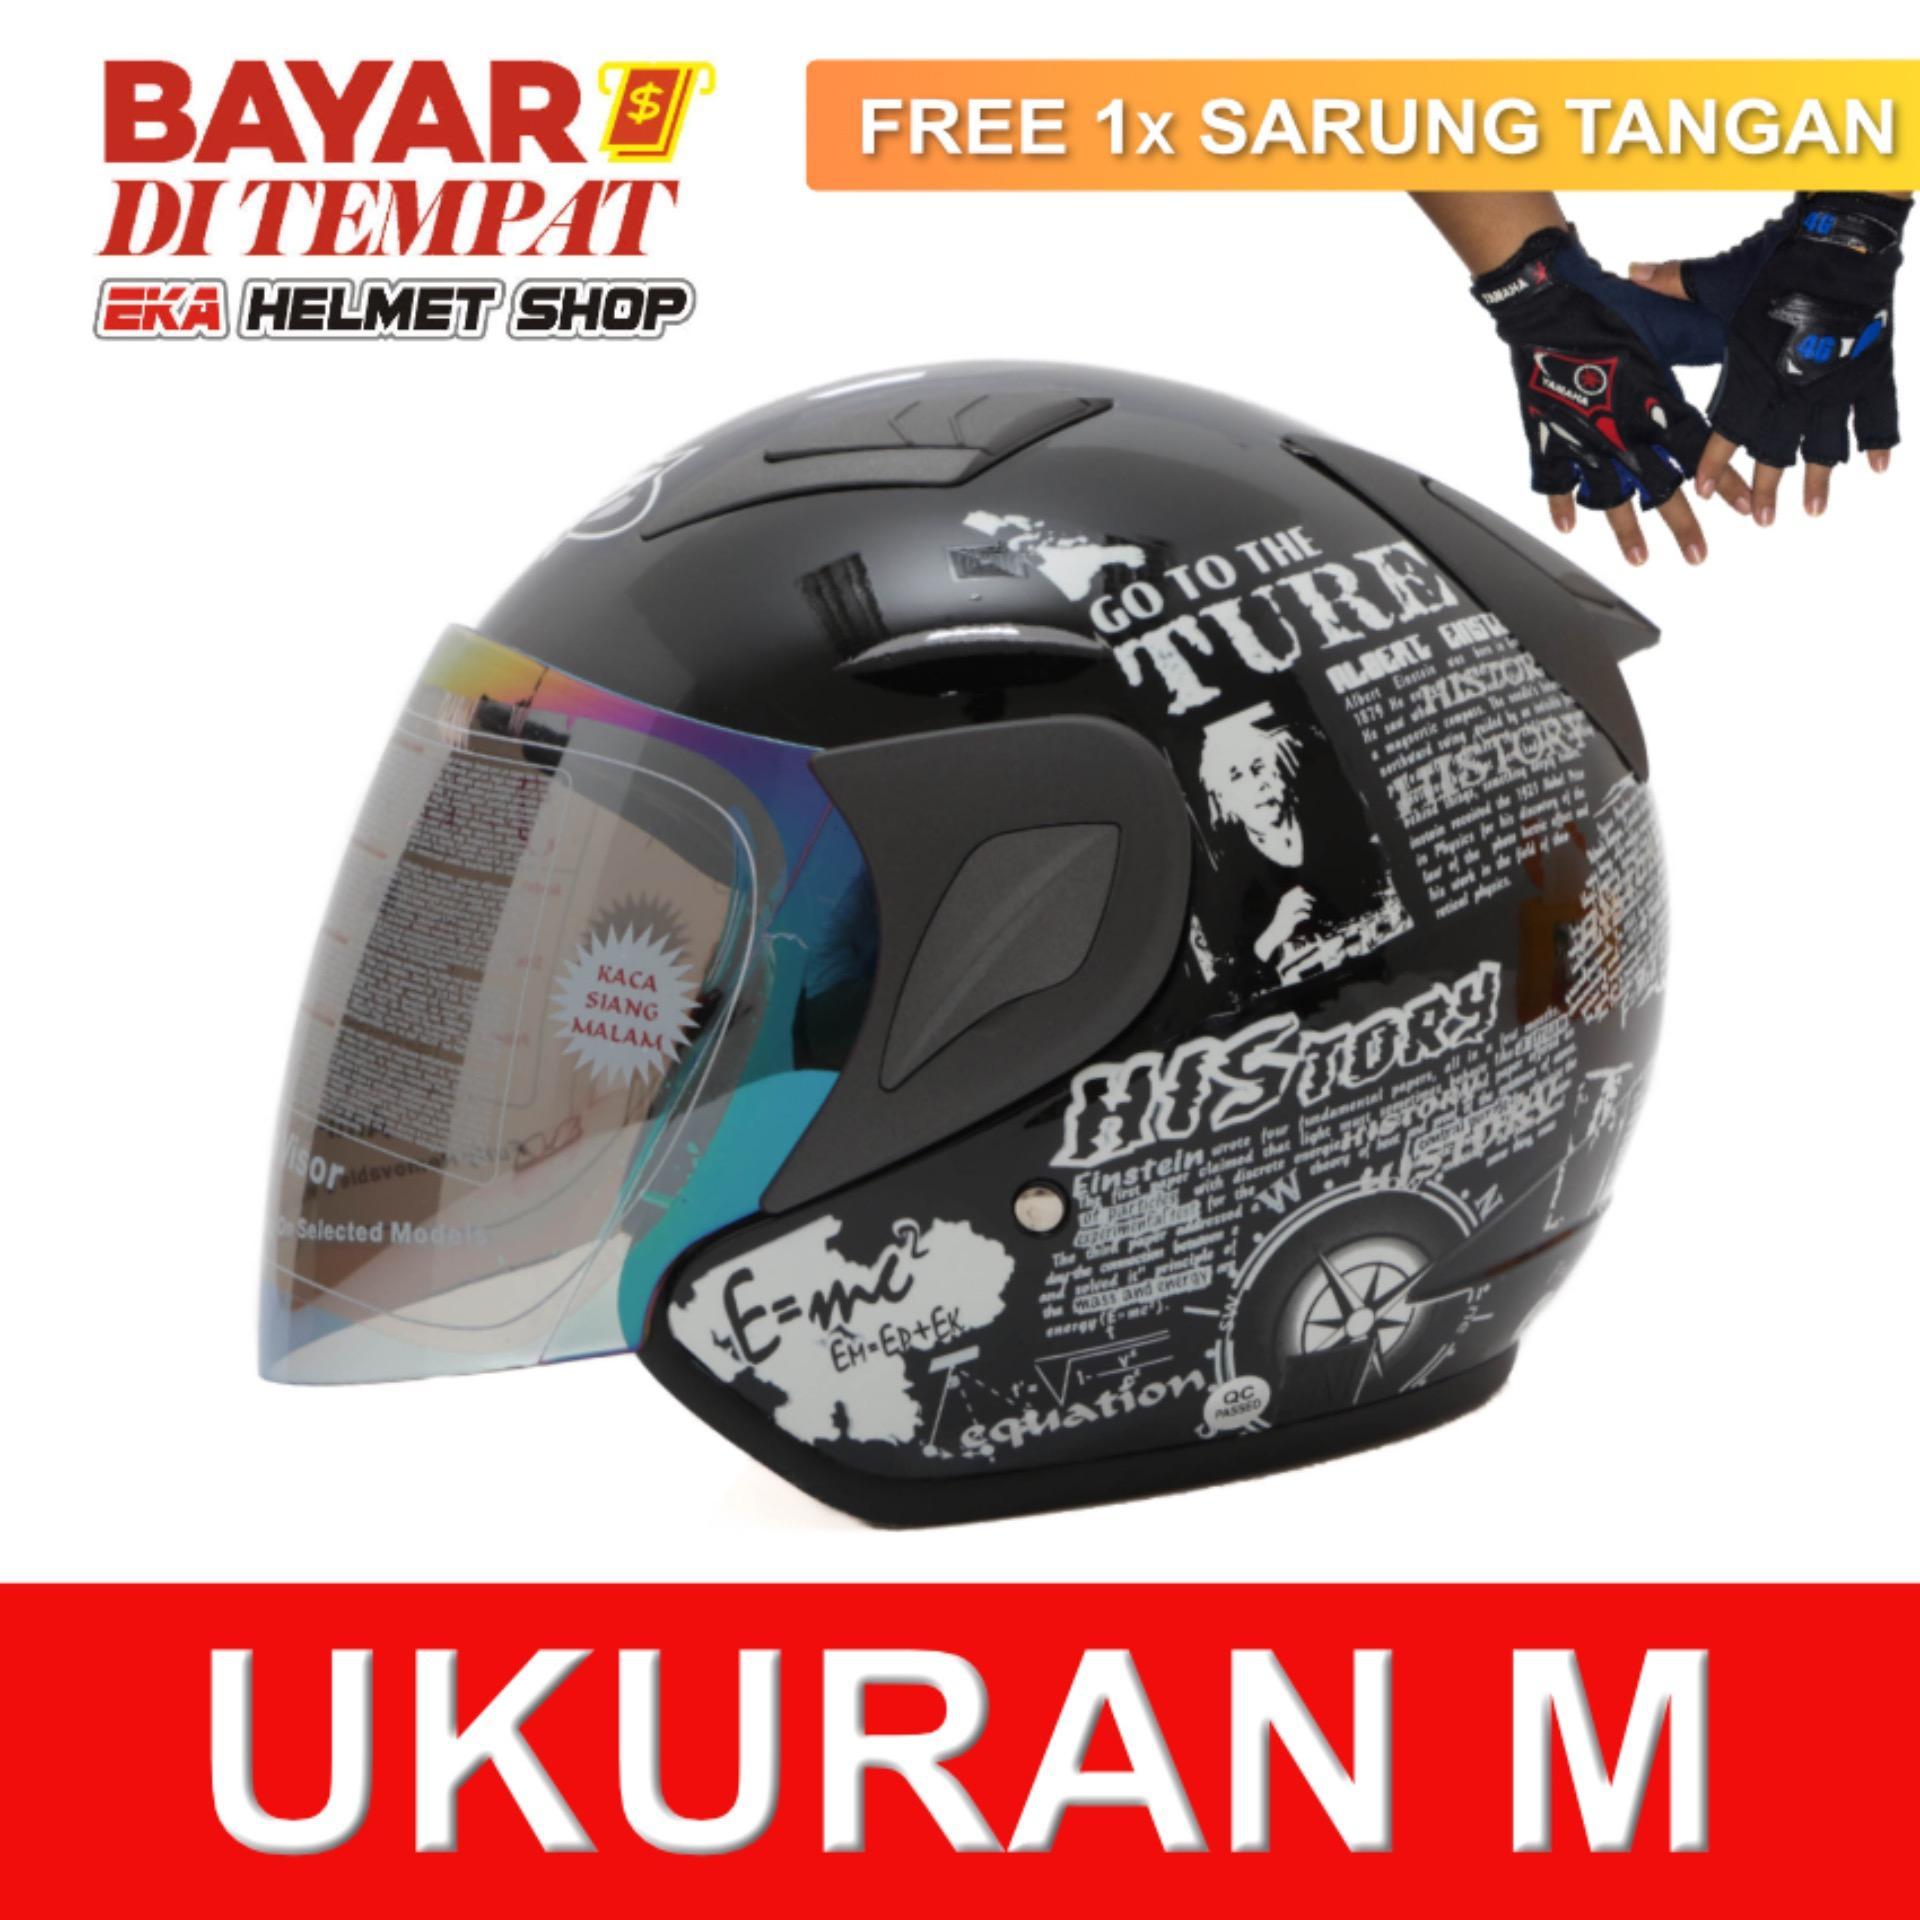 Review Msr Helmet Javelin History Hitam Promo Gratis Sarung Tangan Banten